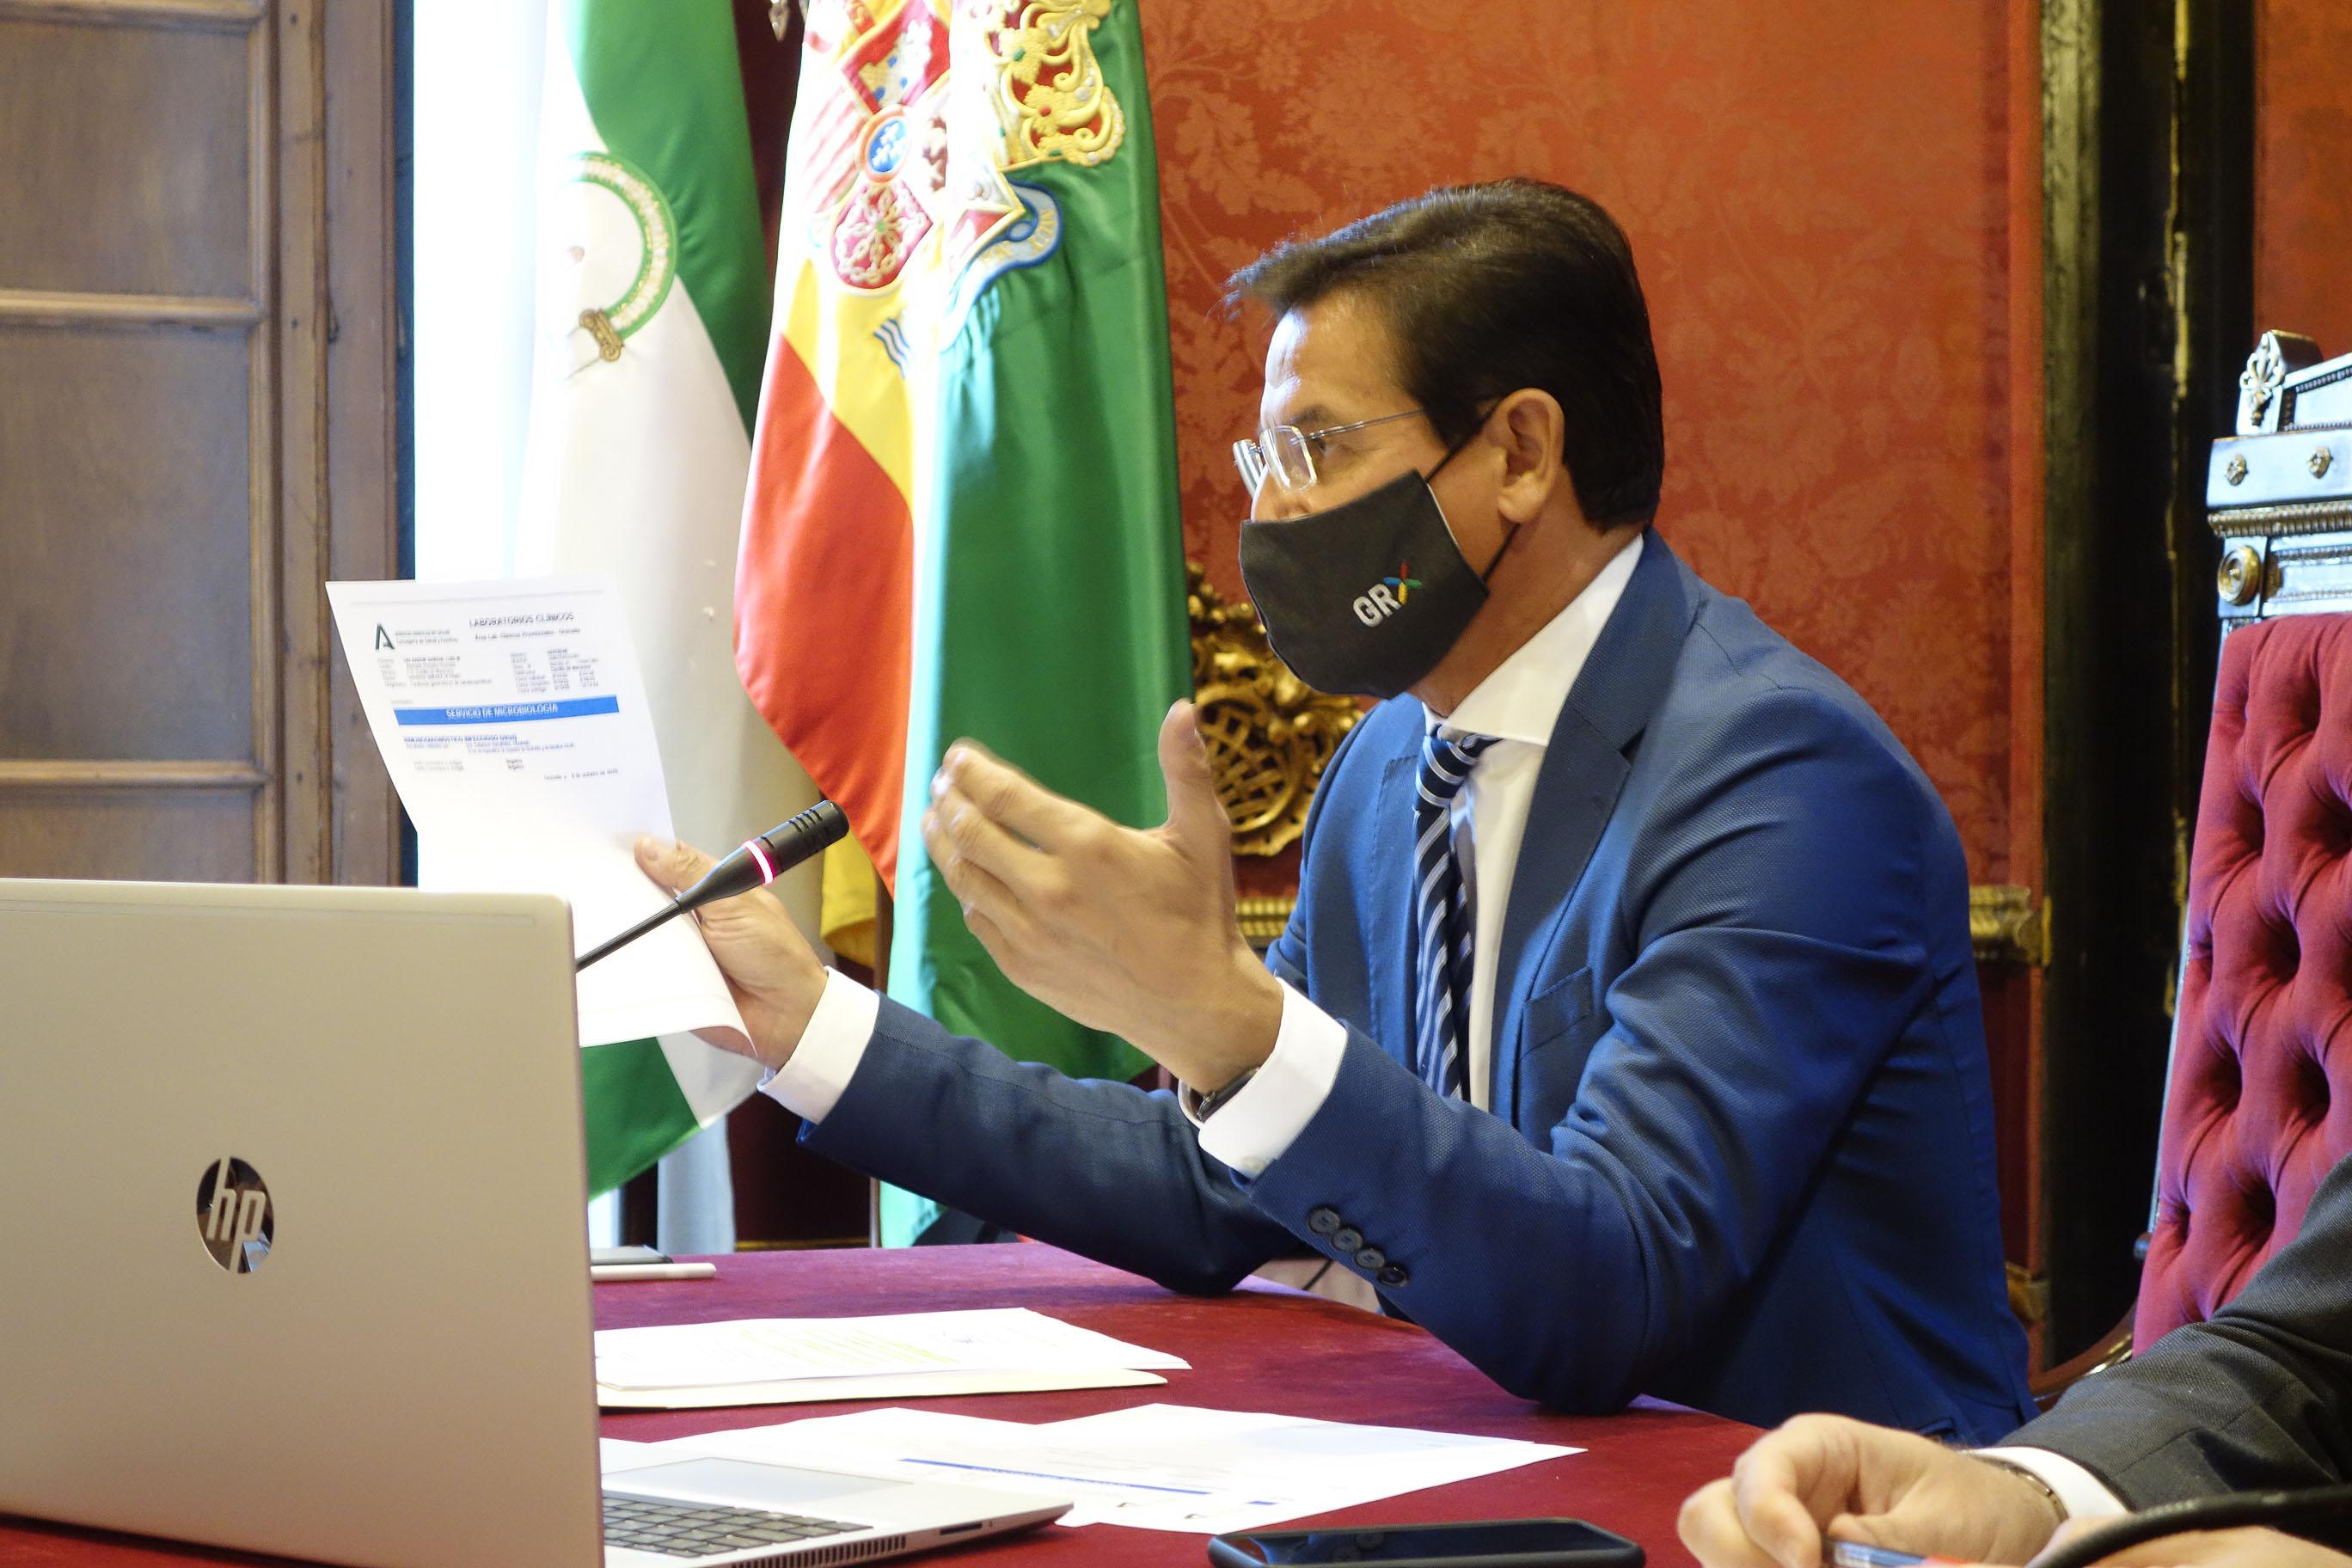 El alcalde resta importancia a una posible moción de censura y pregunta al PSOE «qué tipo de apoyos» busca